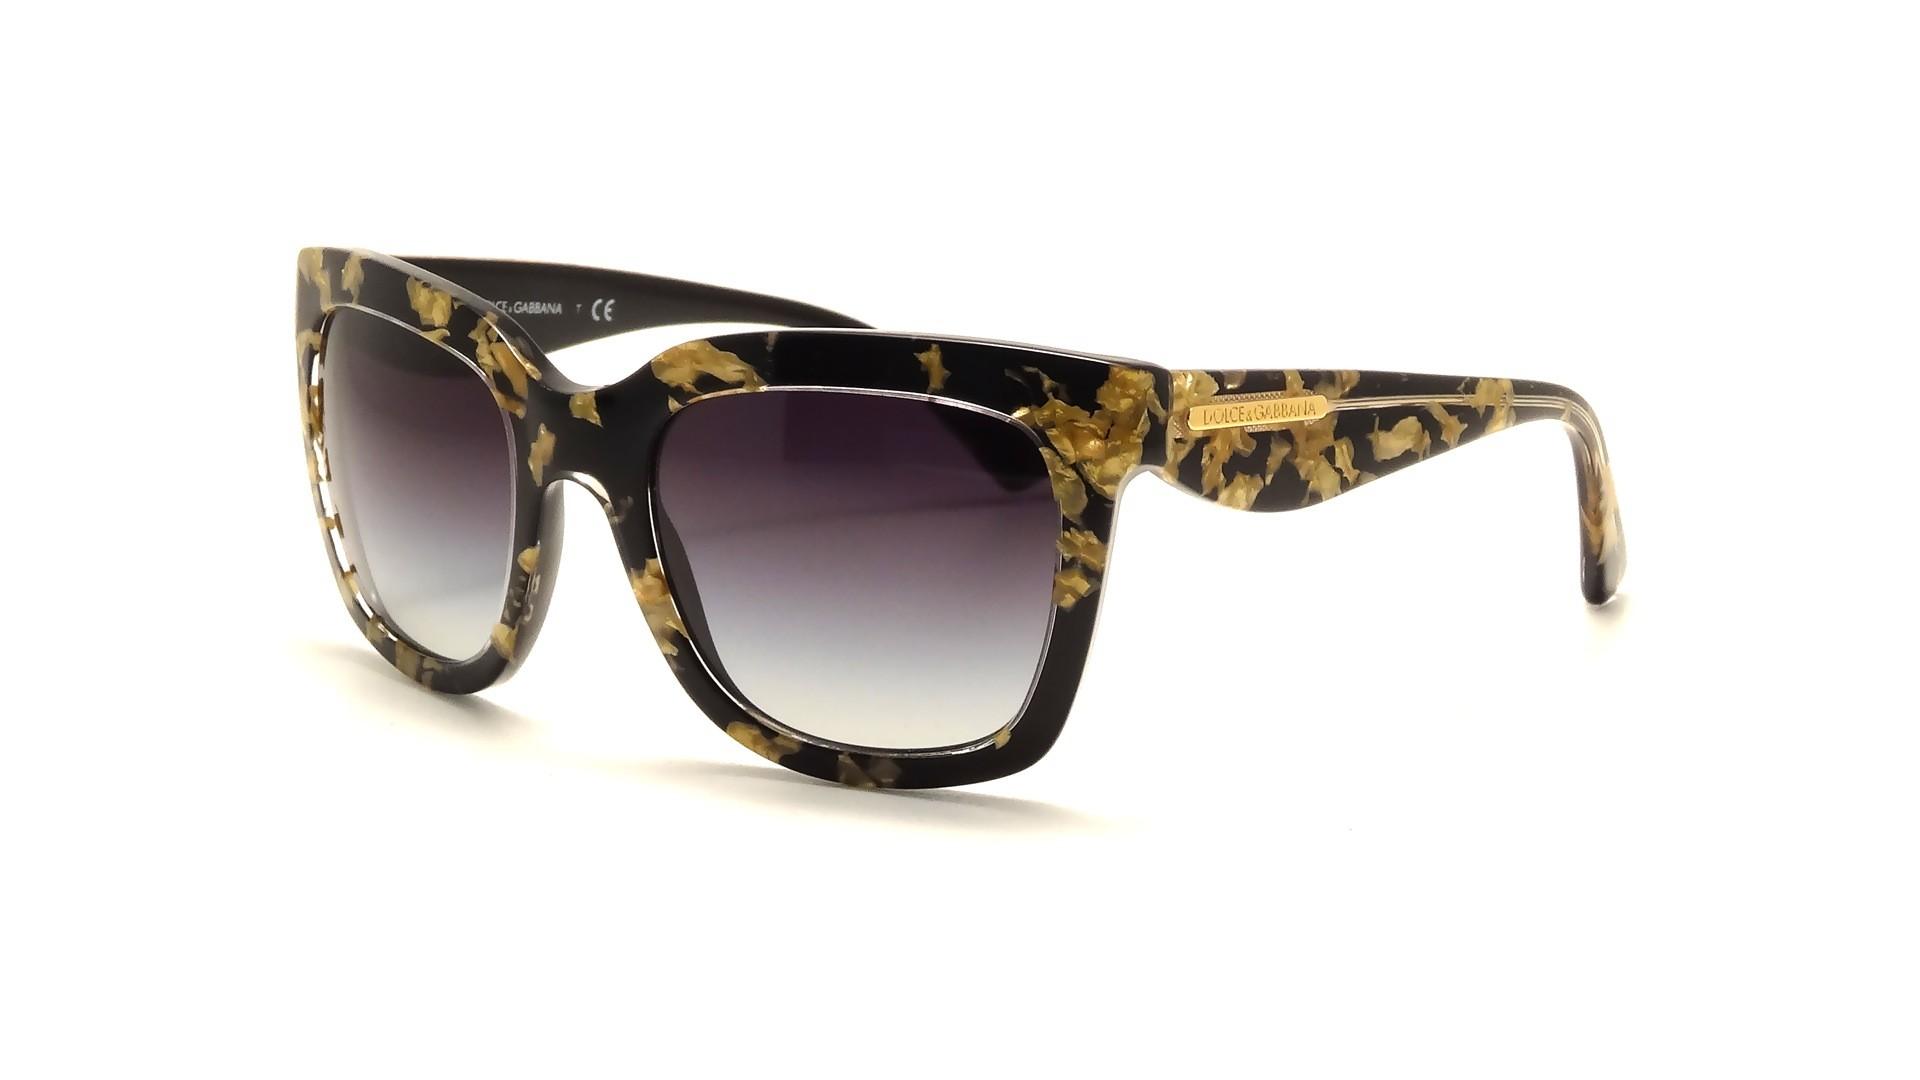 lunettes de soleil homme 2012 dolce gabbana. Black Bedroom Furniture Sets. Home Design Ideas